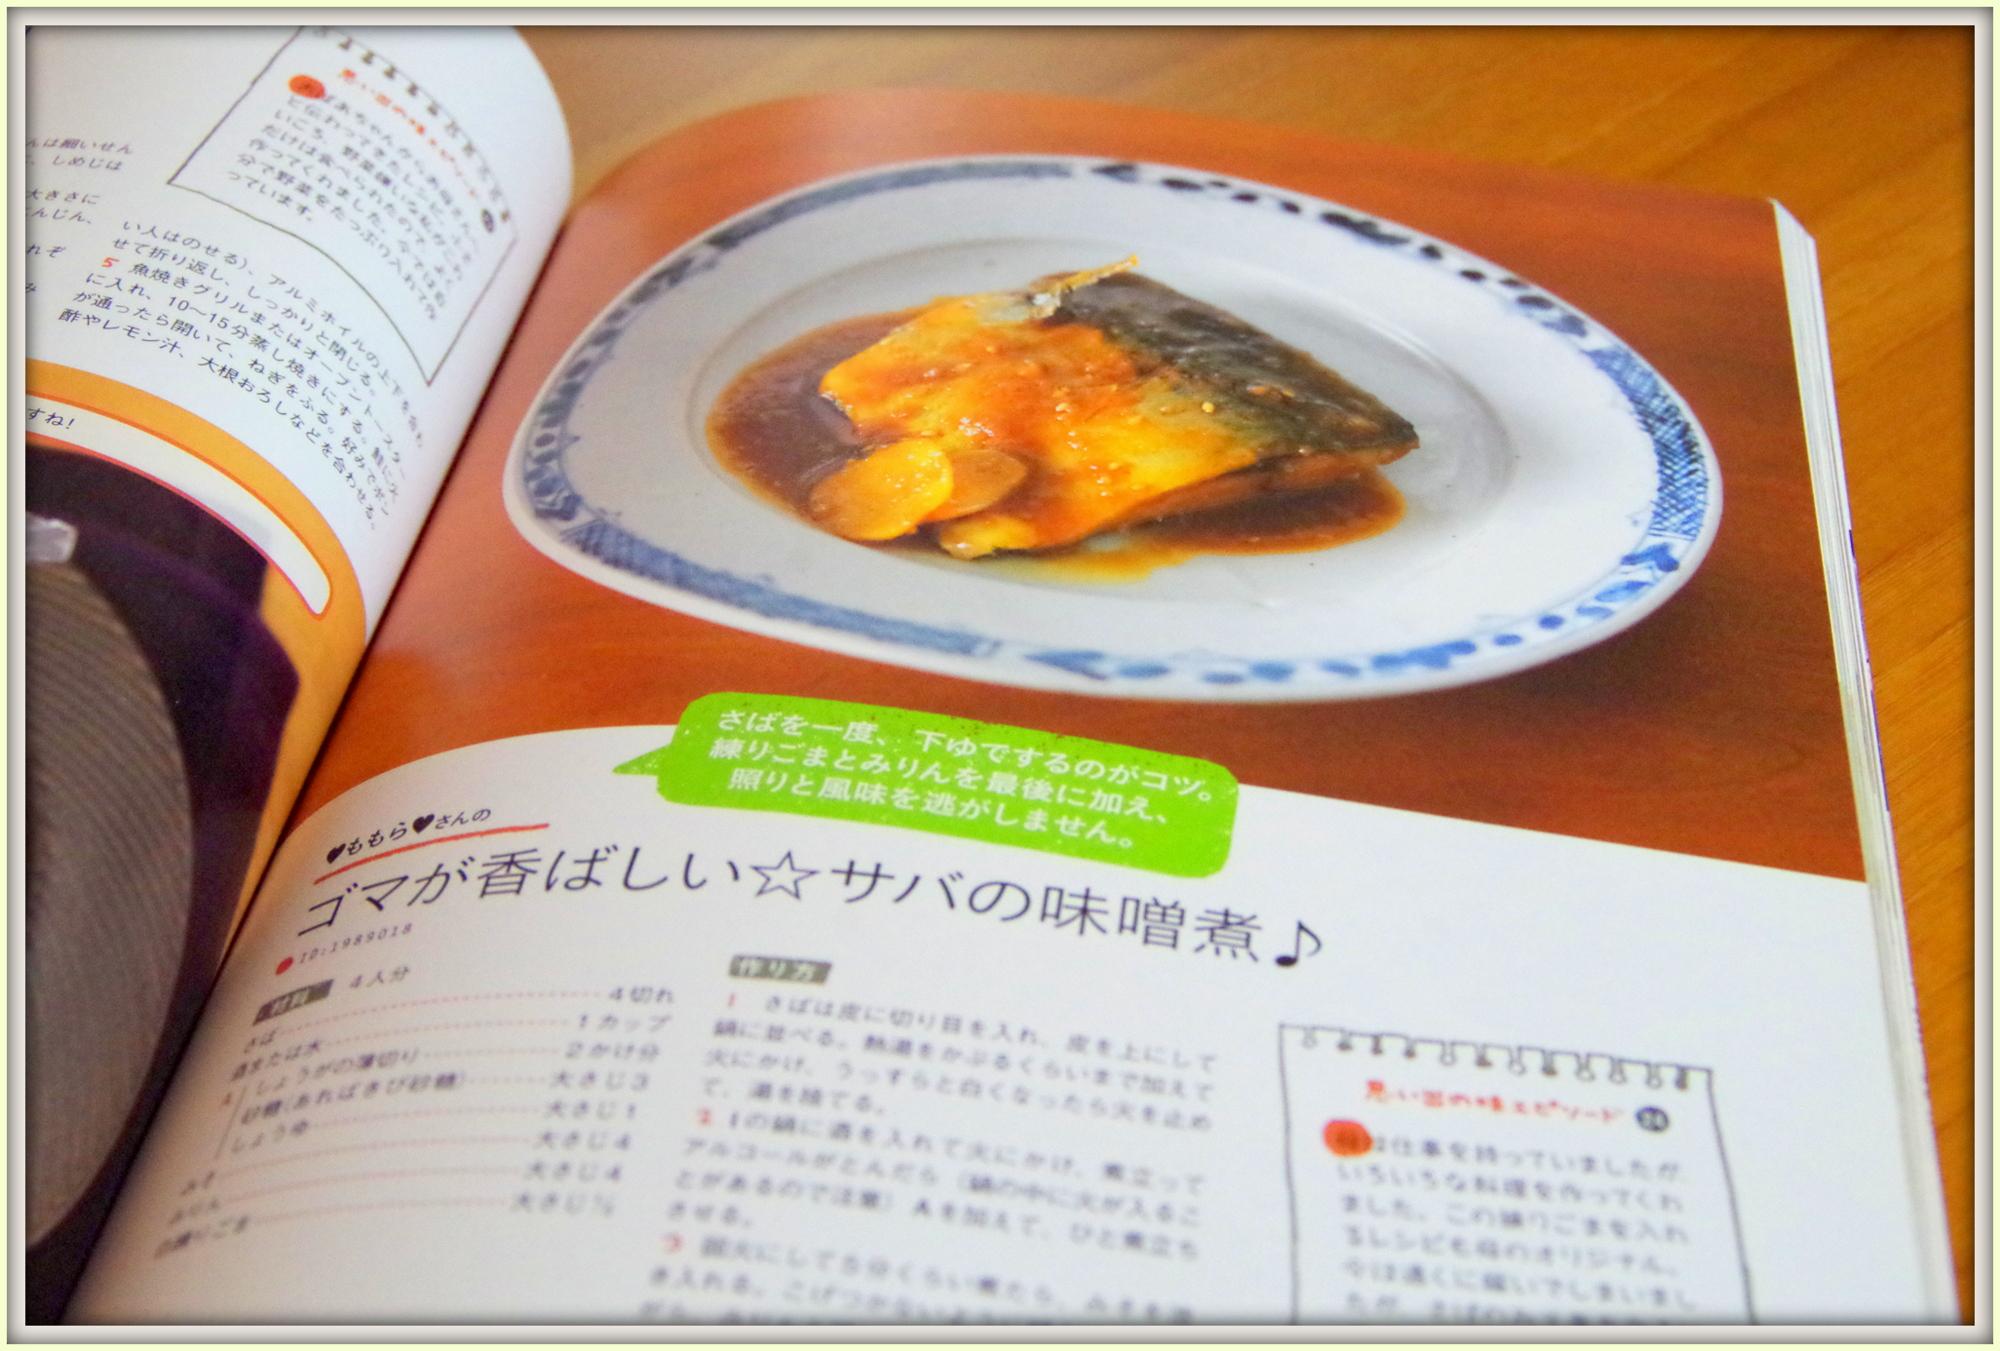 レシピページ